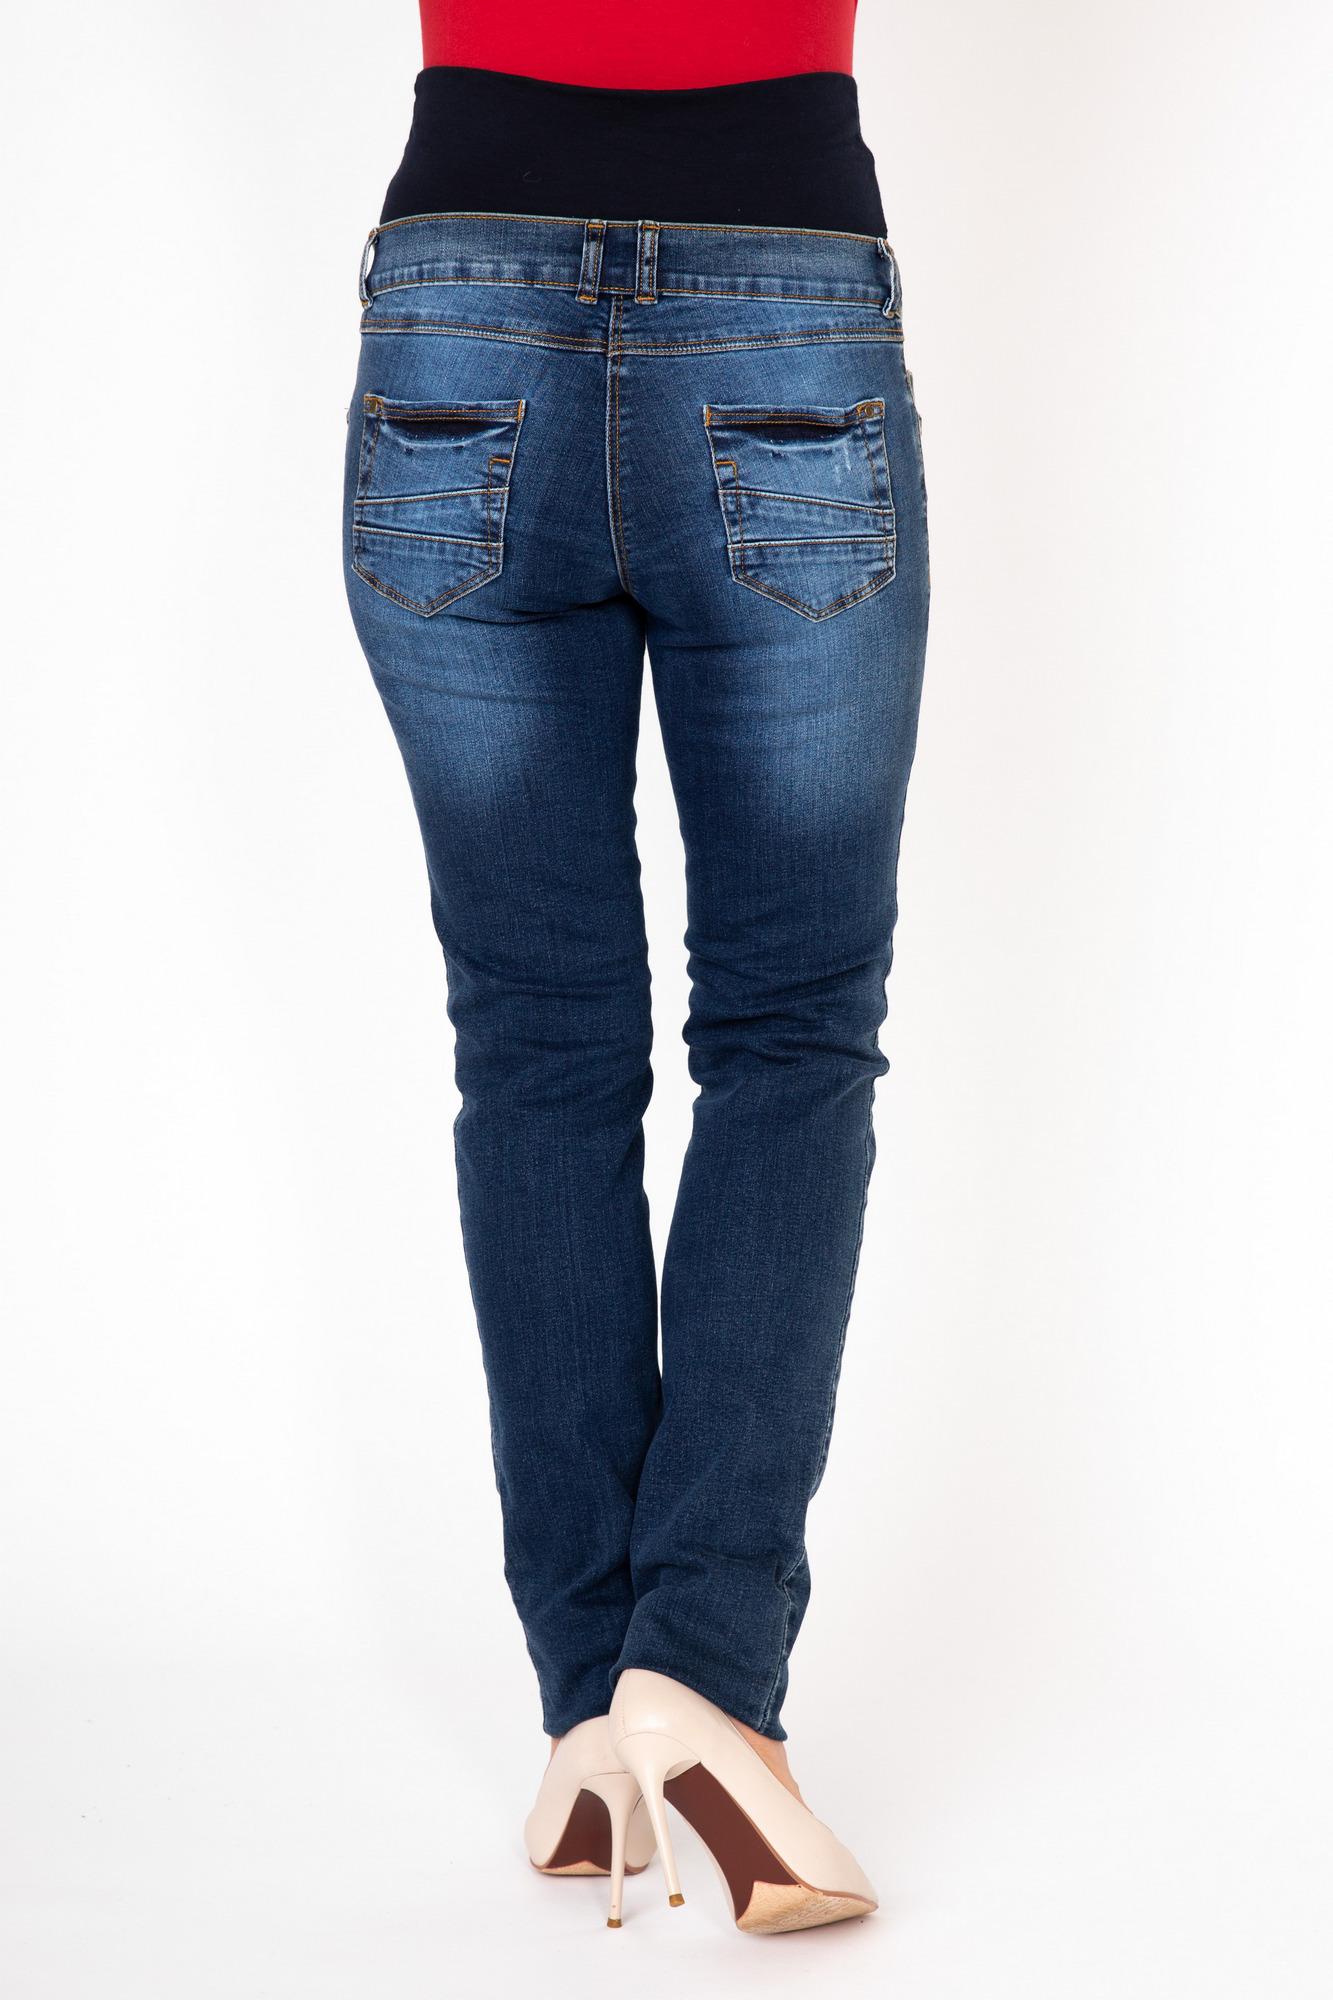 Фото зауженные джинсы для беременных MAMA`S FANTASY, легкий эластичный деним от магазина СкороМама, синий, размеры.